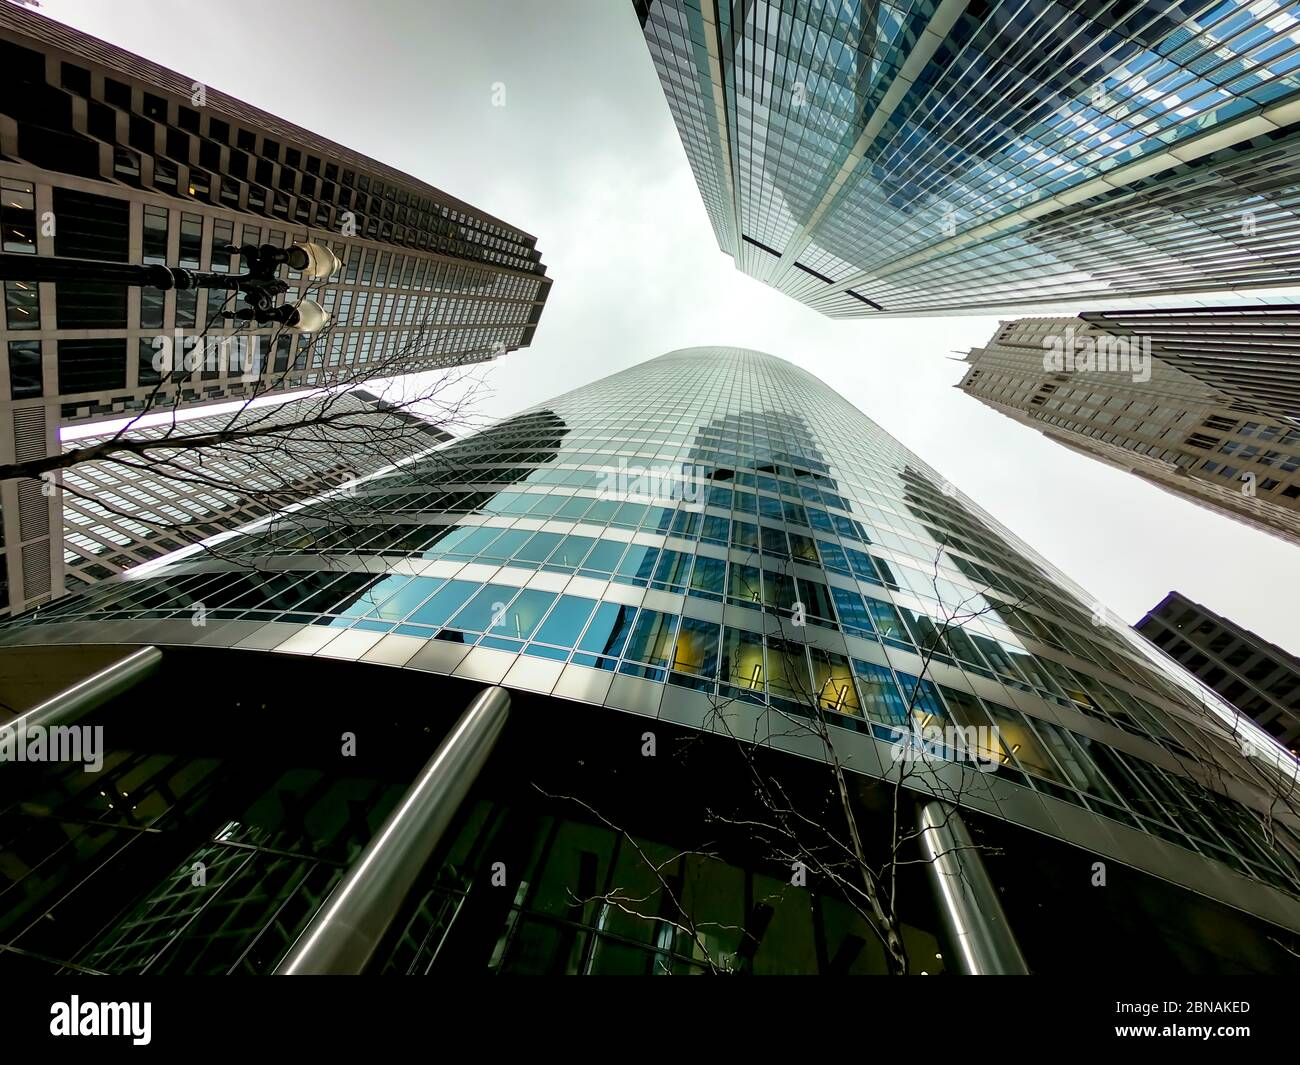 Vista hacia arriba de los rascacielos de chicago y edificios altos de oficinas. Muestra varios estilos arquitectónicos. Illinois ee.UU. Foto de stock